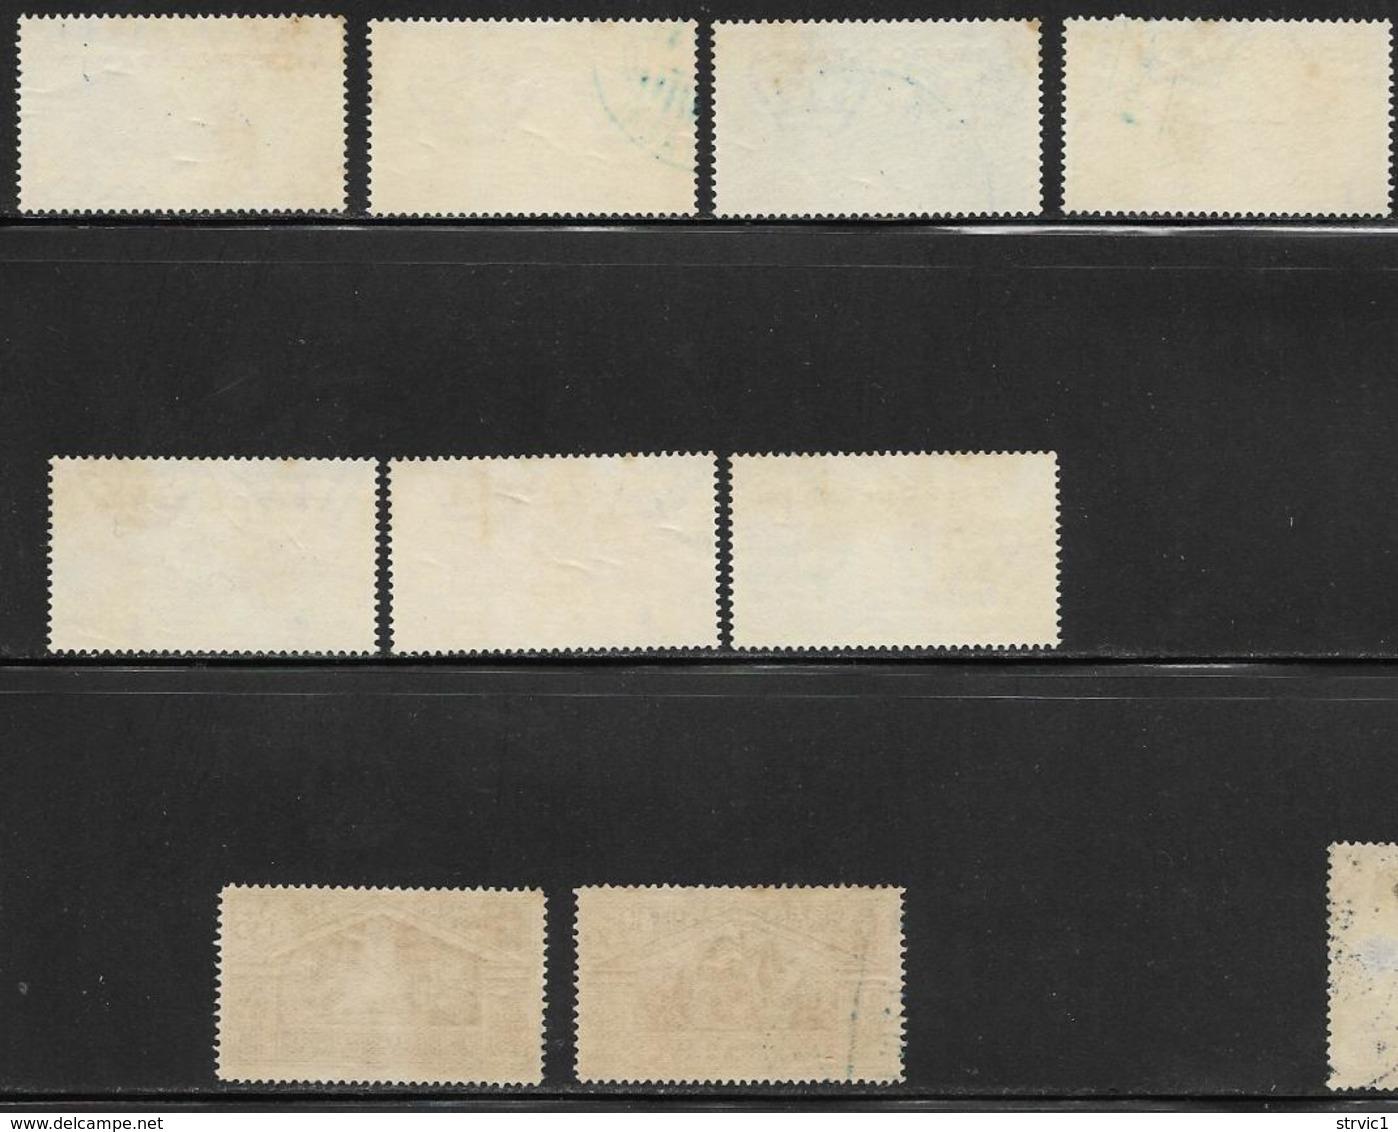 Tripolitania, Scott # 43-51 Used Italy Virgil Issue Overprinted, 1930, CV$162.50 - Tripolitania